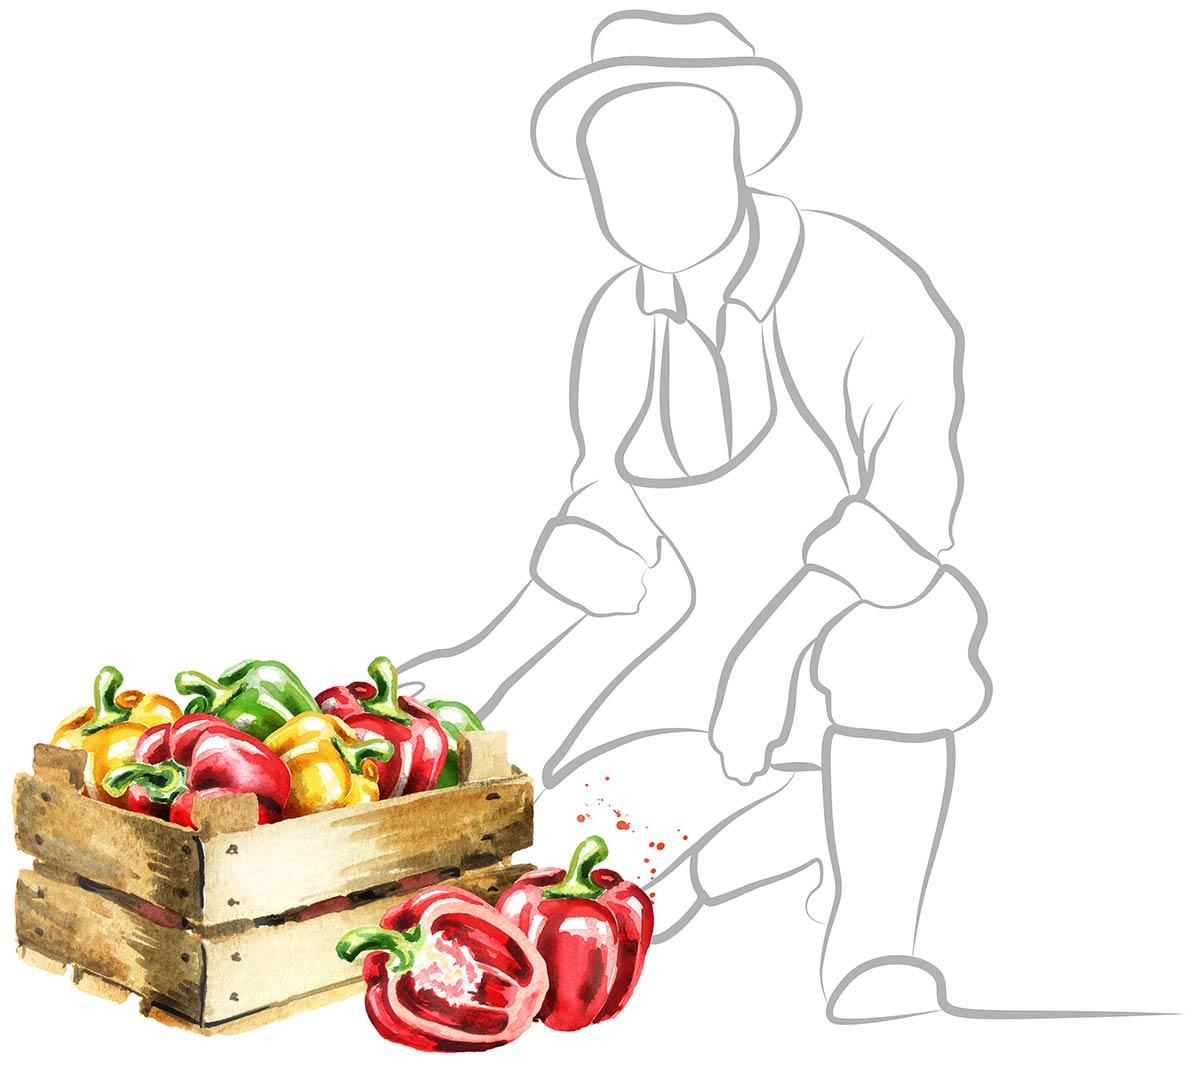 Menu Fresh local suppliers